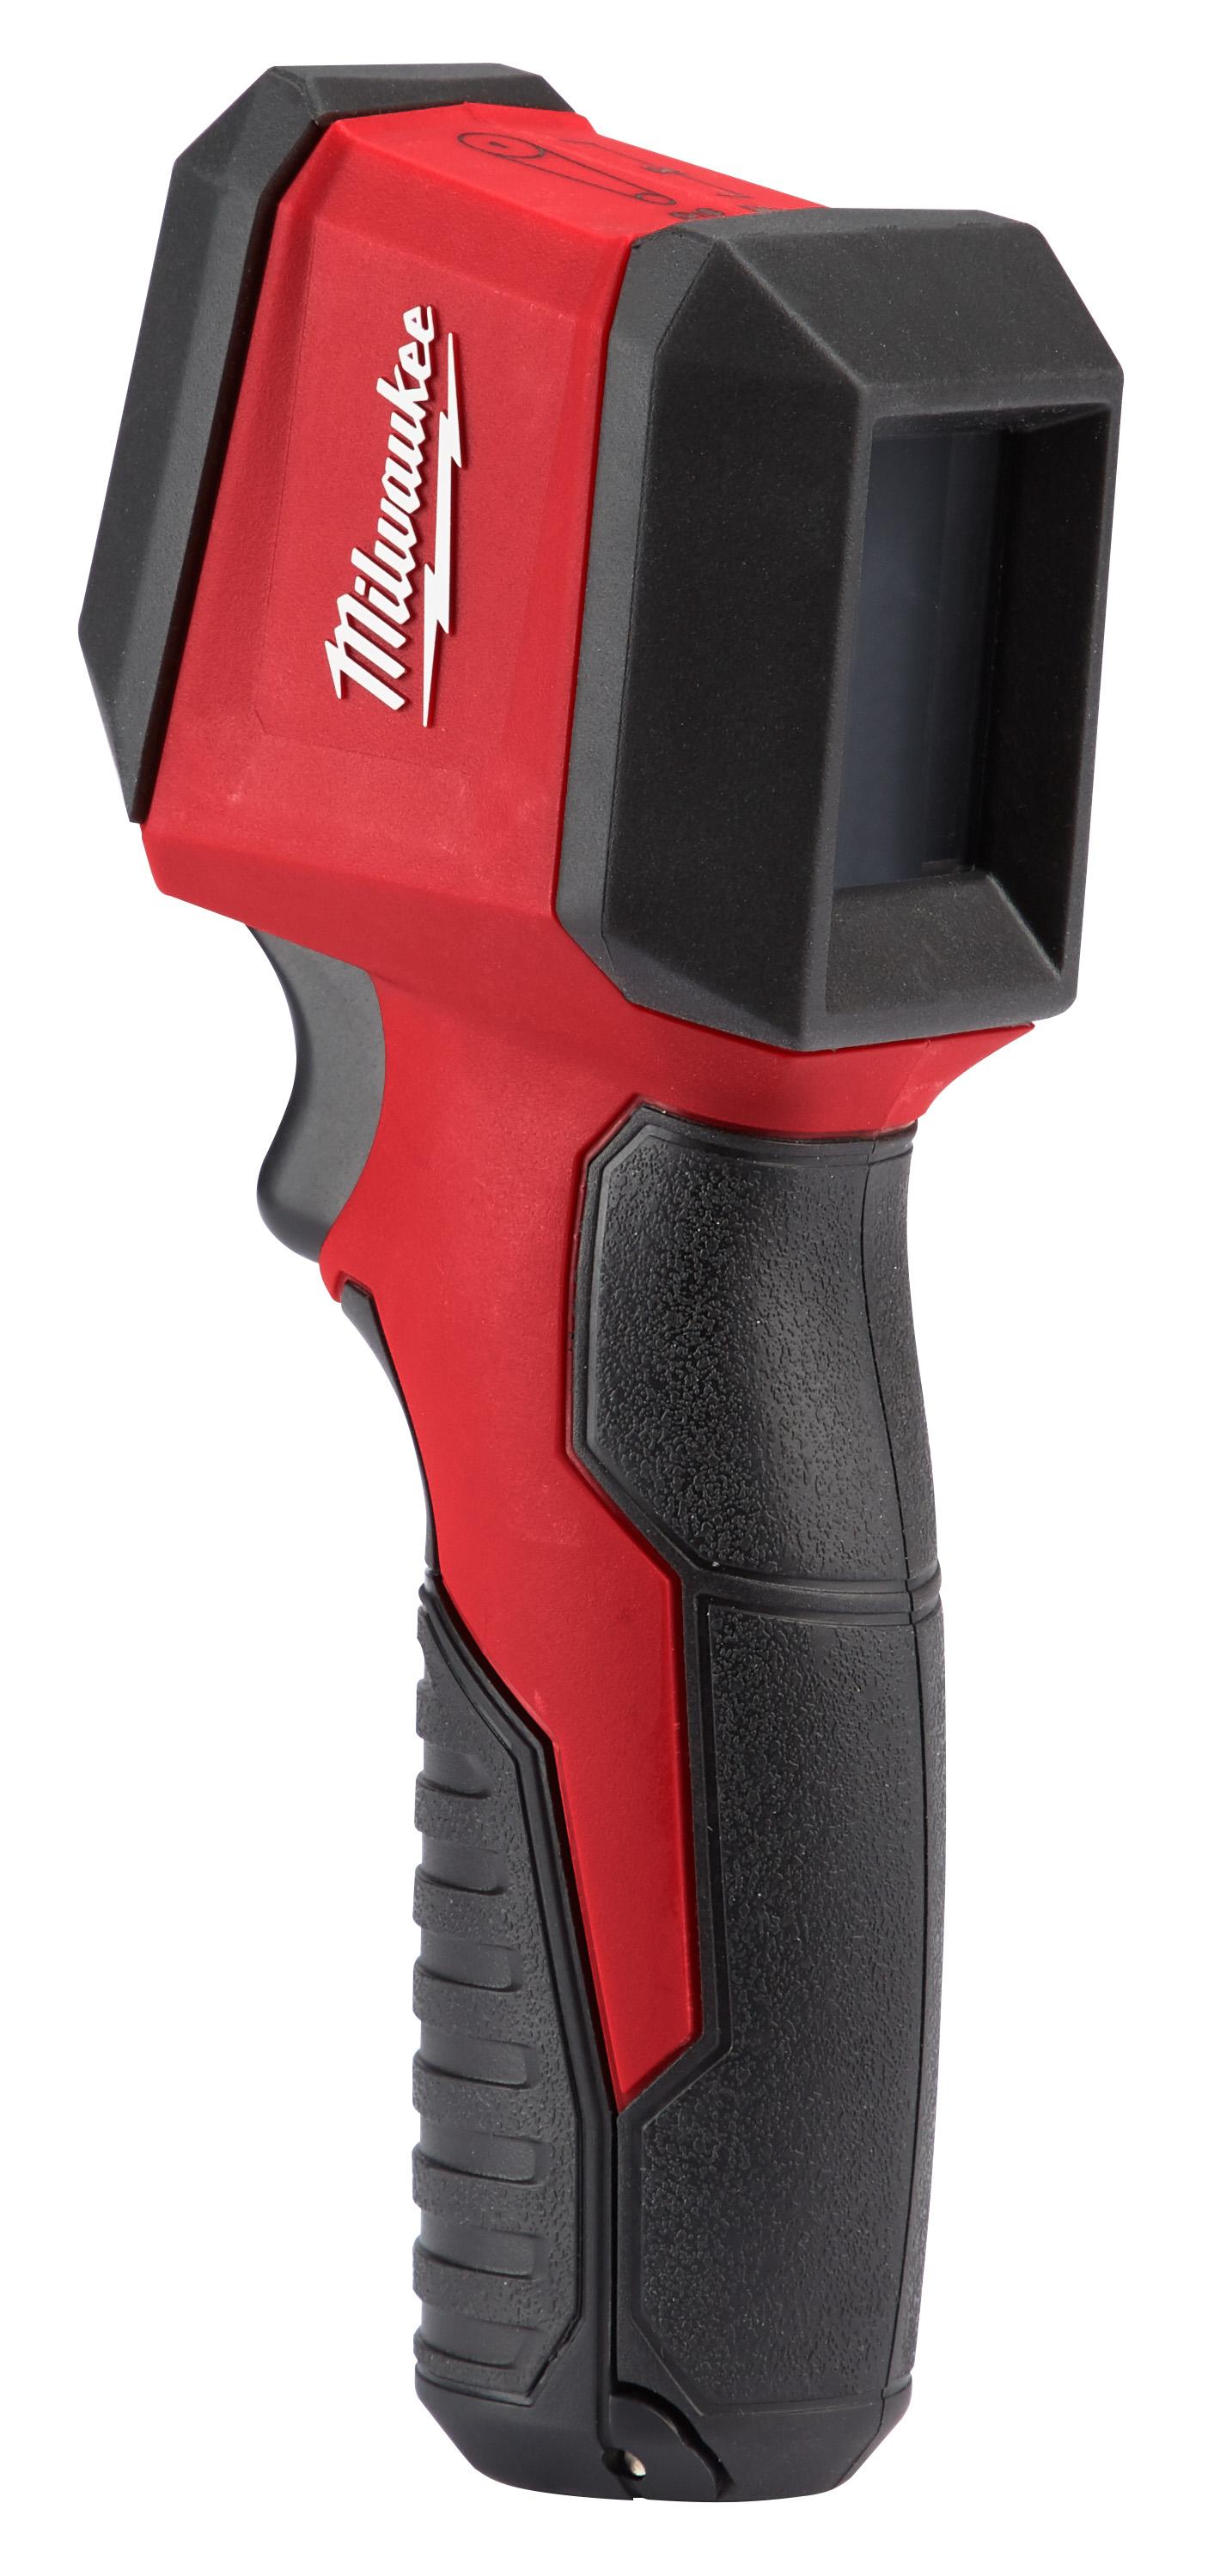 Milwaukee® 2257-20 Spot Infrared Imager, 14 to 626 deg F, Alkaline Battery